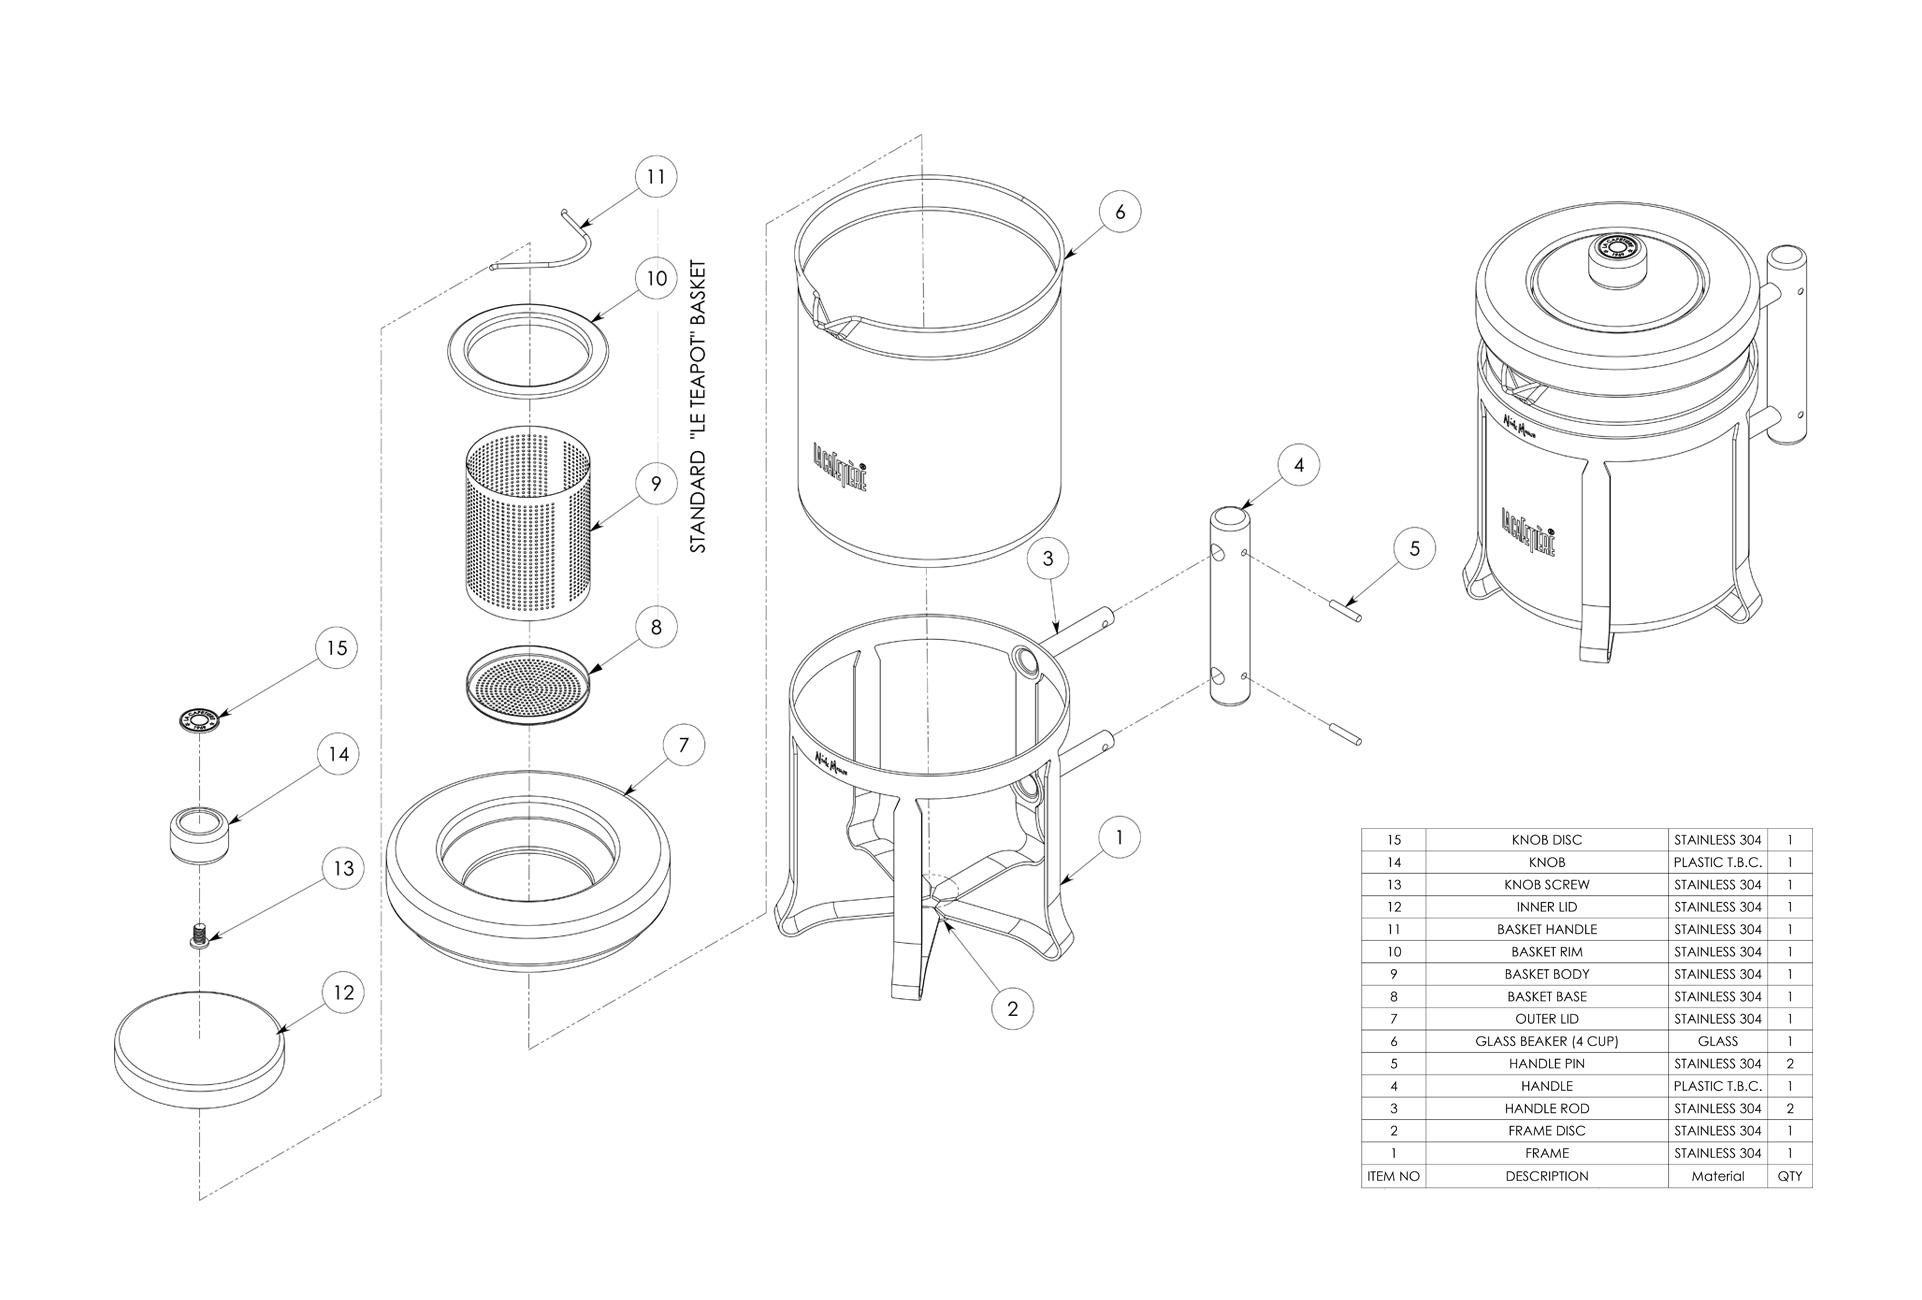 la_caf_nouveau_classic_teapot_exploded_drawings